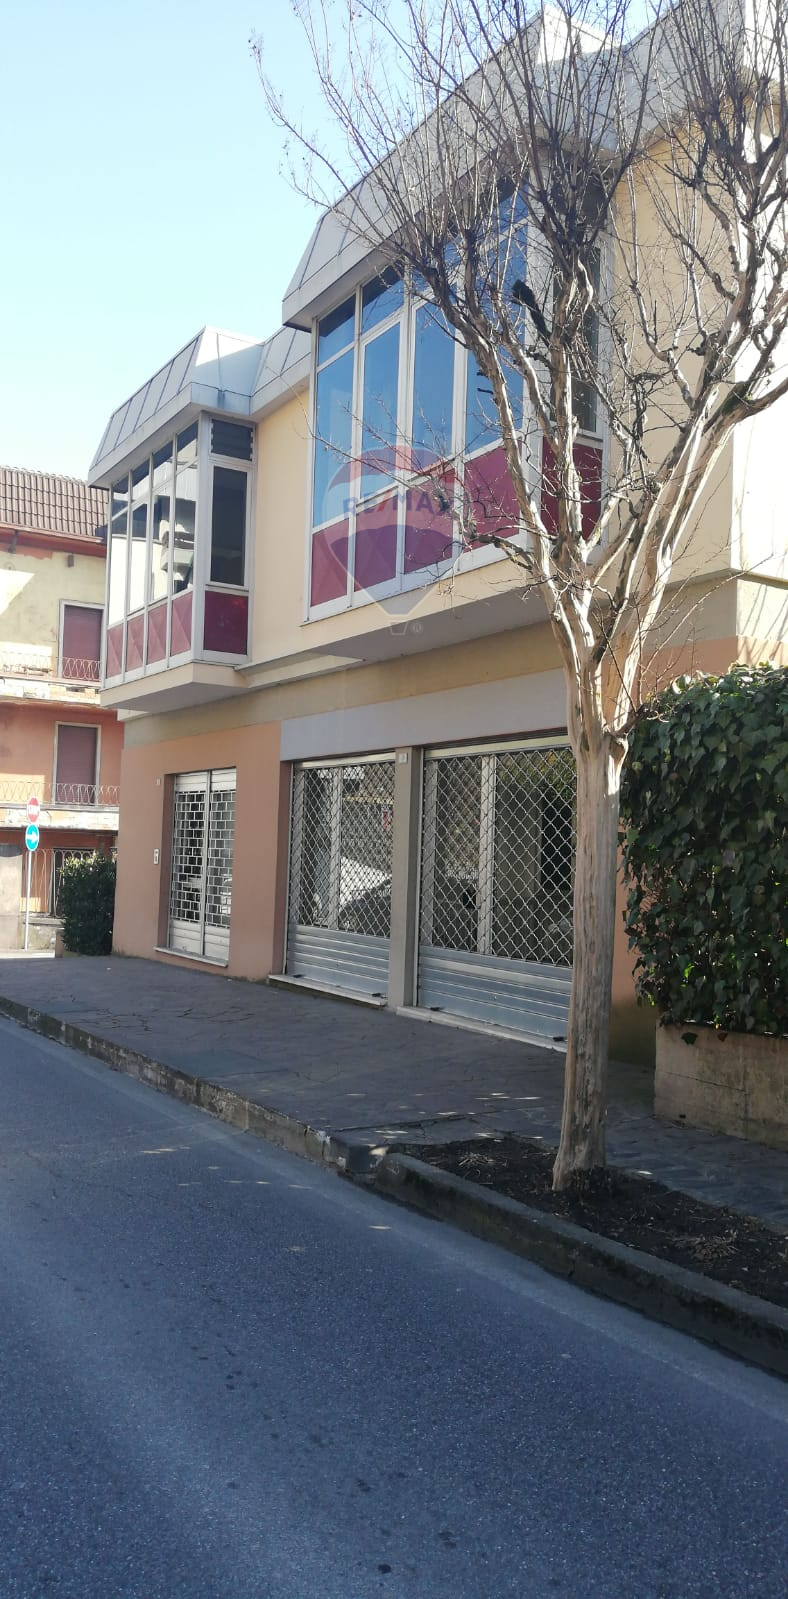 UFFICIO in Affitto a Boario Terme, Darfo Boario Terme (BRESCIA)